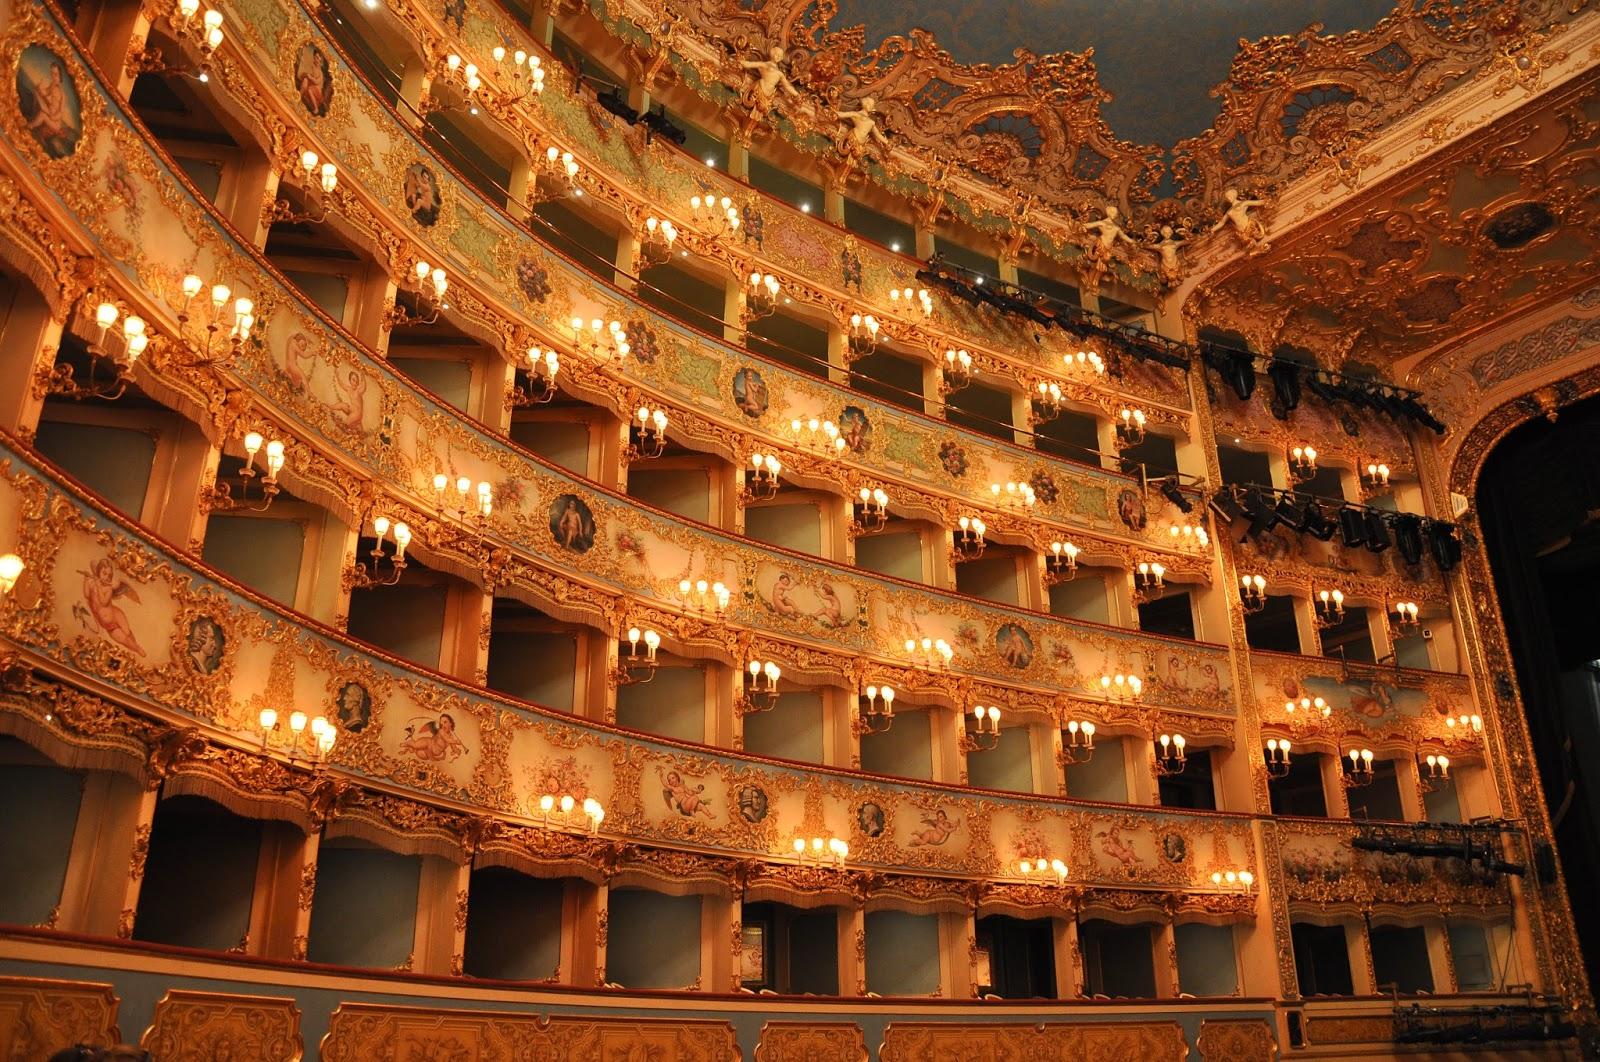 The boxes, La Fenice, Venice, Italy